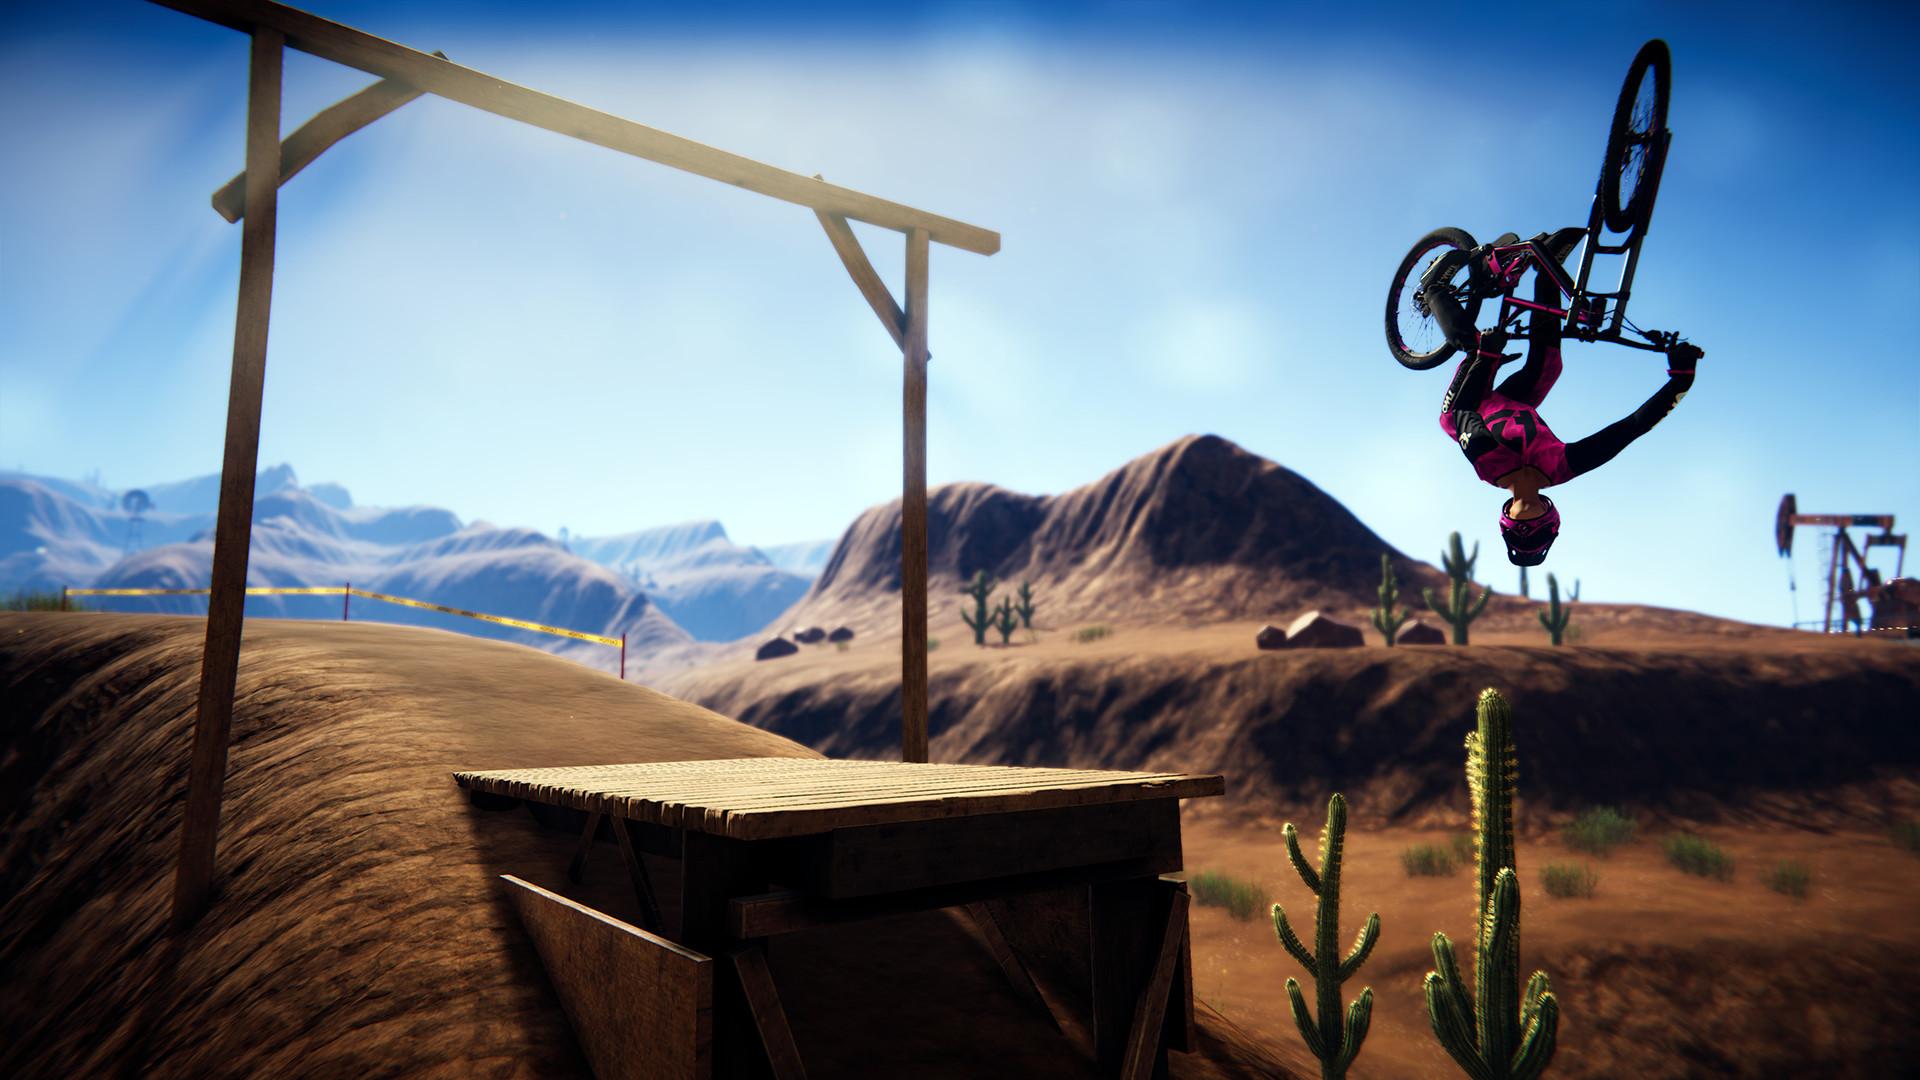 bike flipping in air Descenders